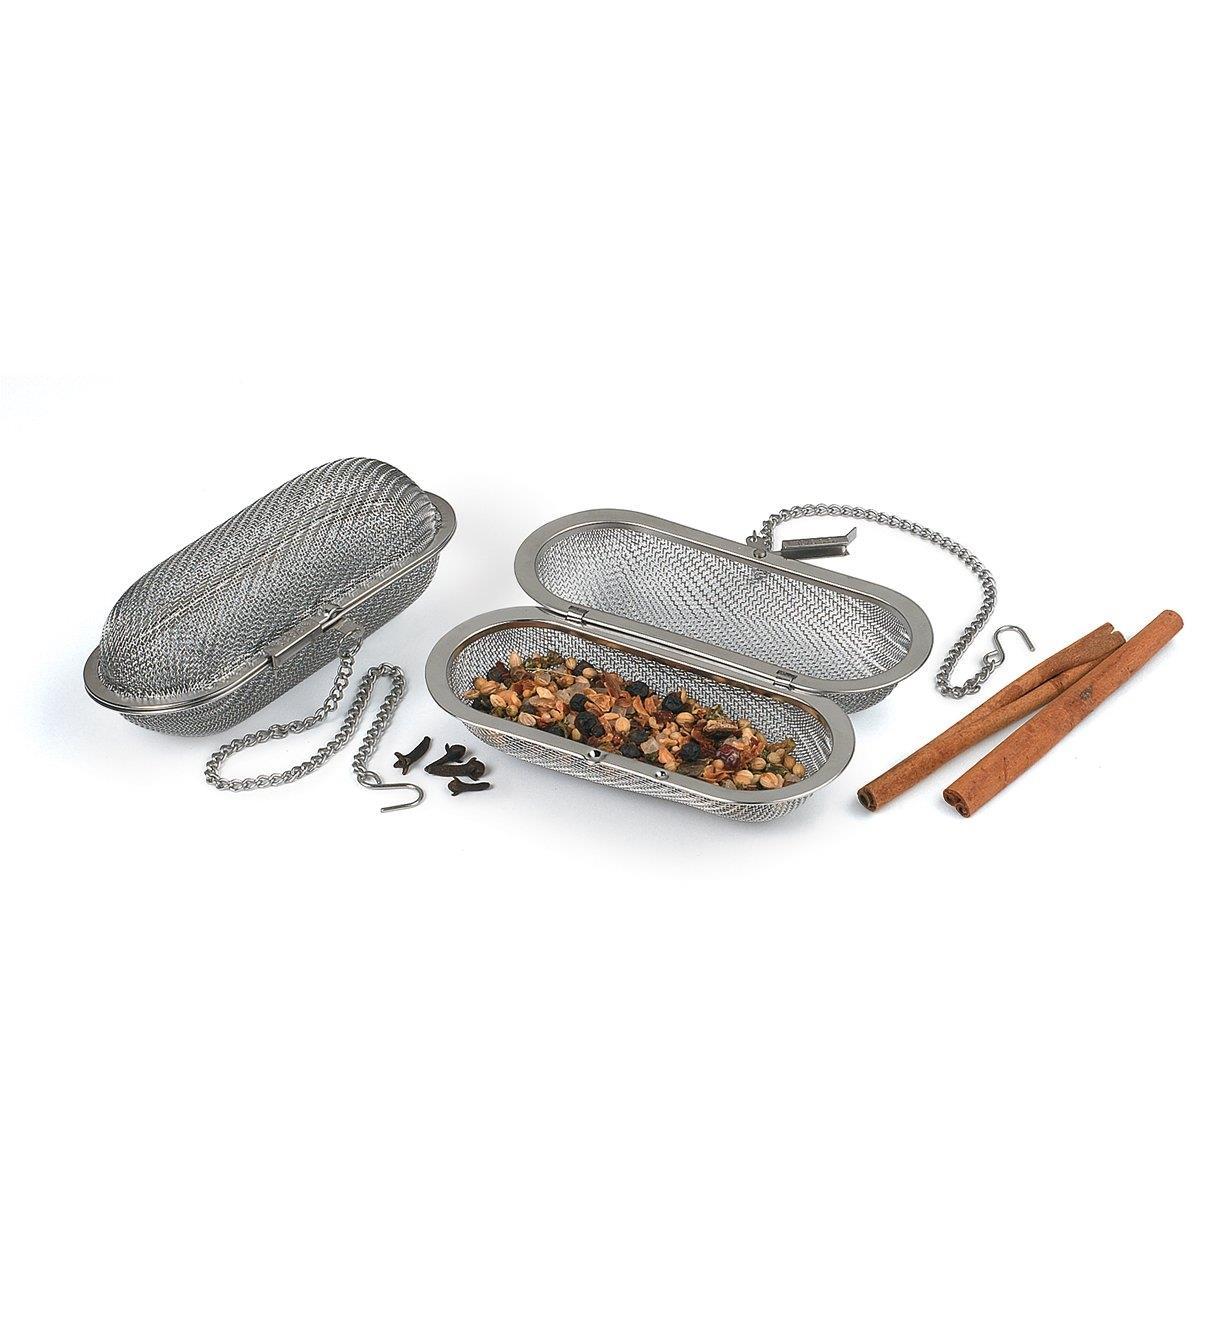 EM241 - Herb & Spice Infuser